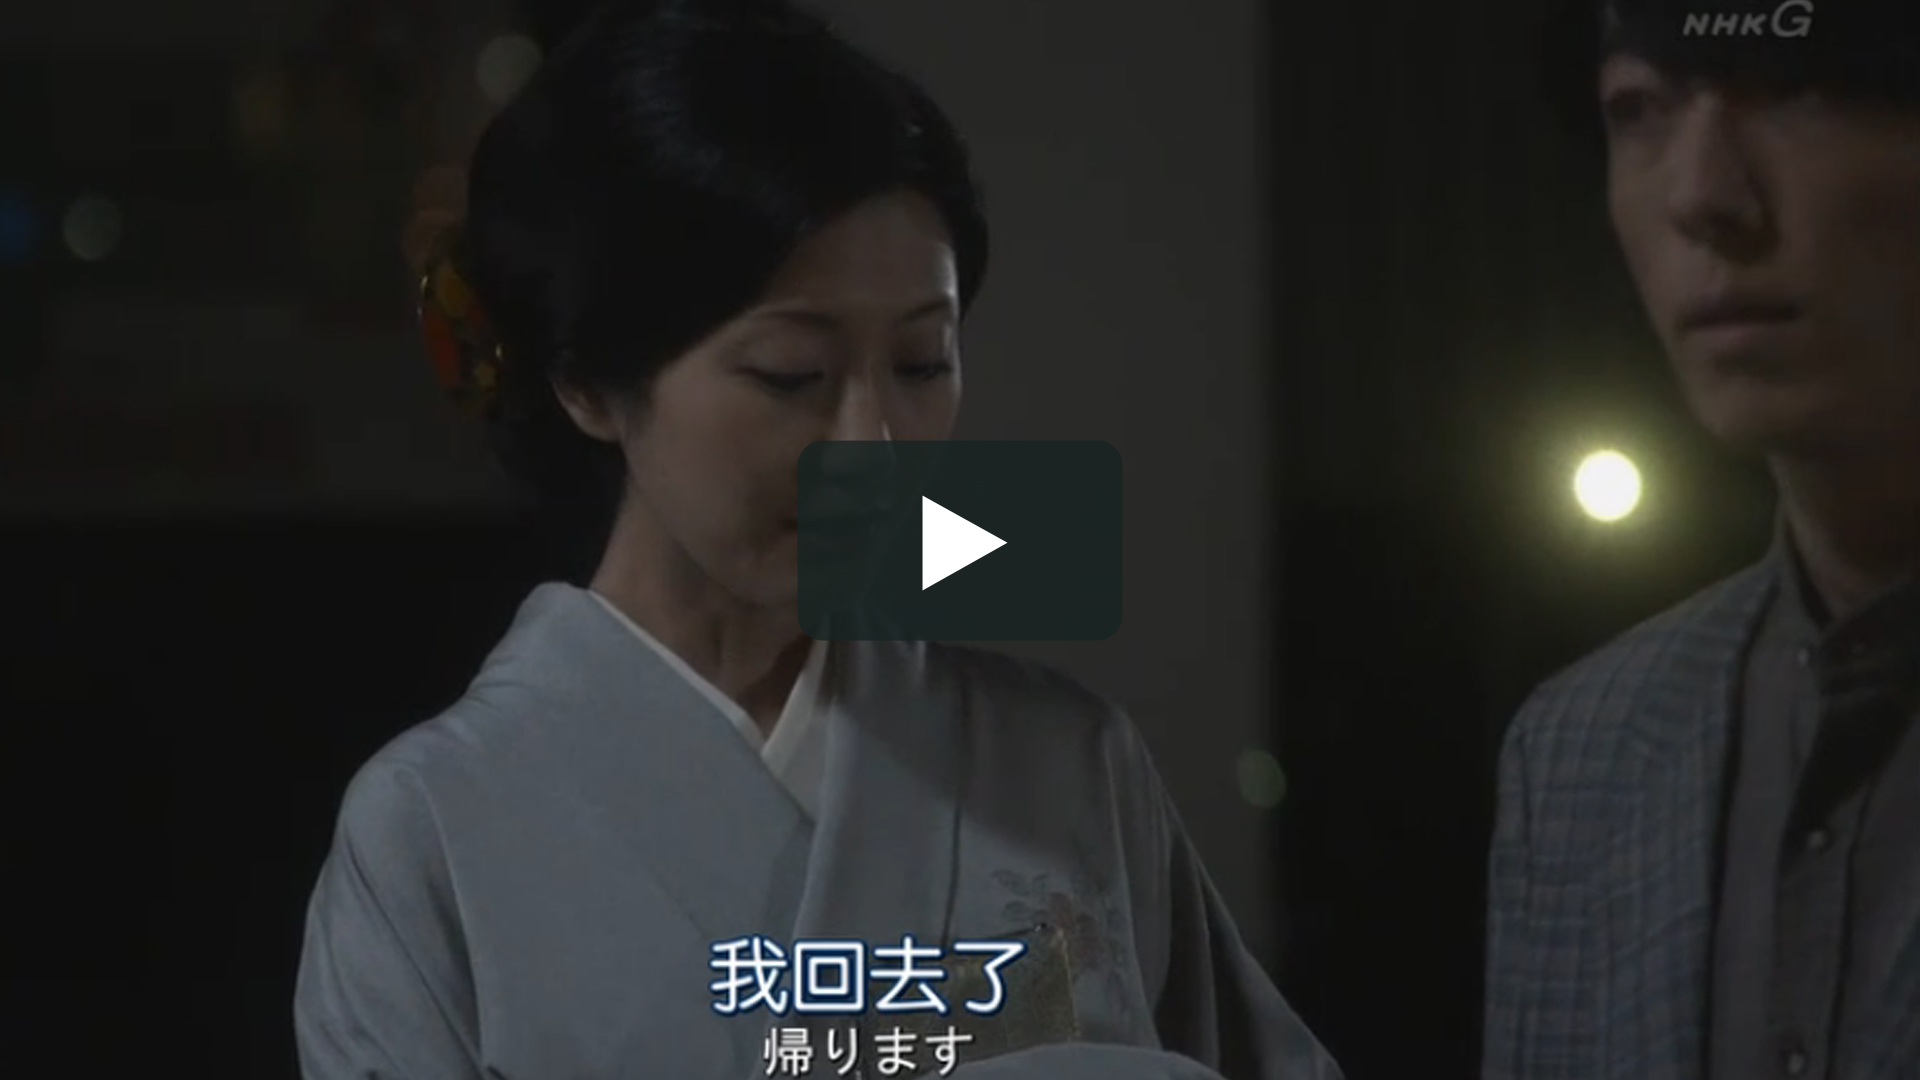 三日月 Mikazuki EP03